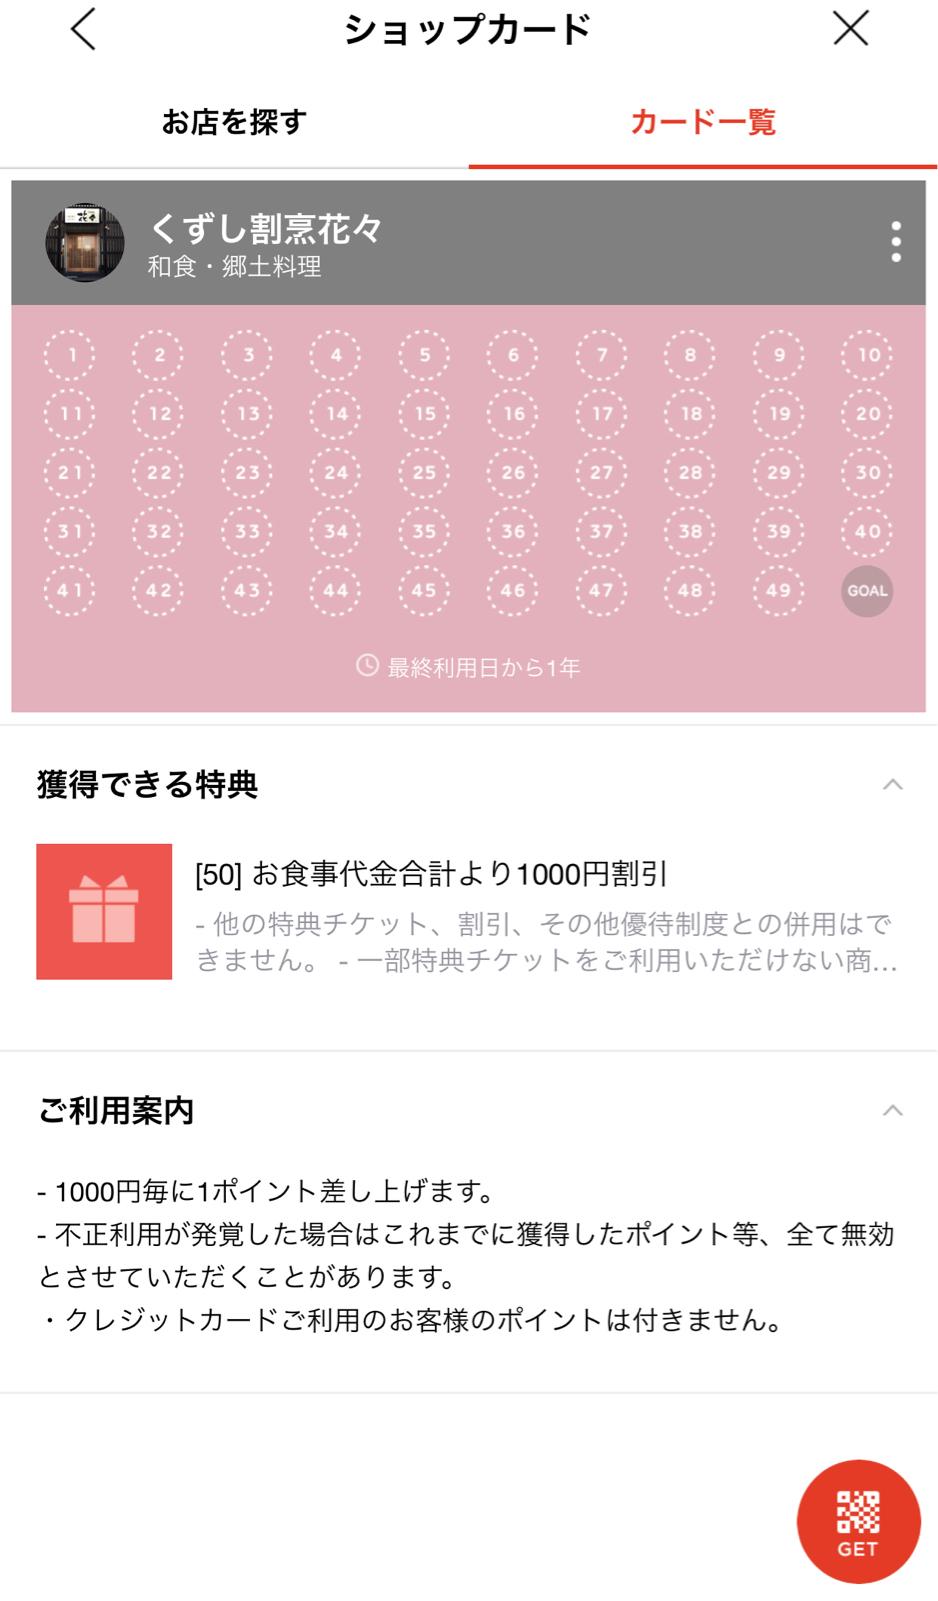 ショップカードの利用方法(LINEメンバーの方へ)_e0230154_20301743.jpg